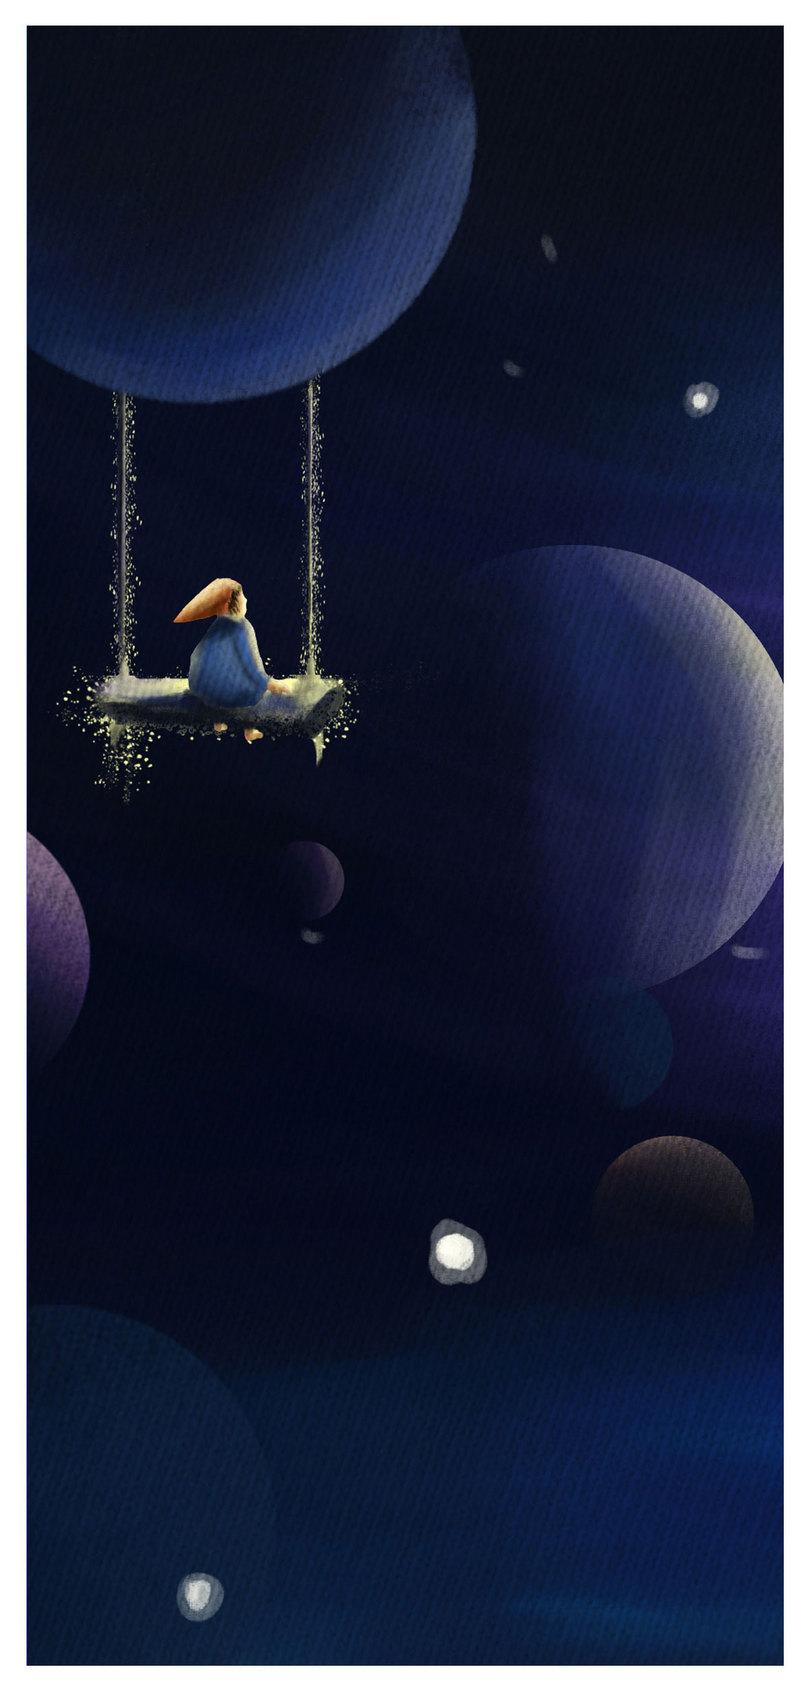 Wallpaper De Planeta Estrela Movel Imagem Gratis Fundos Numero